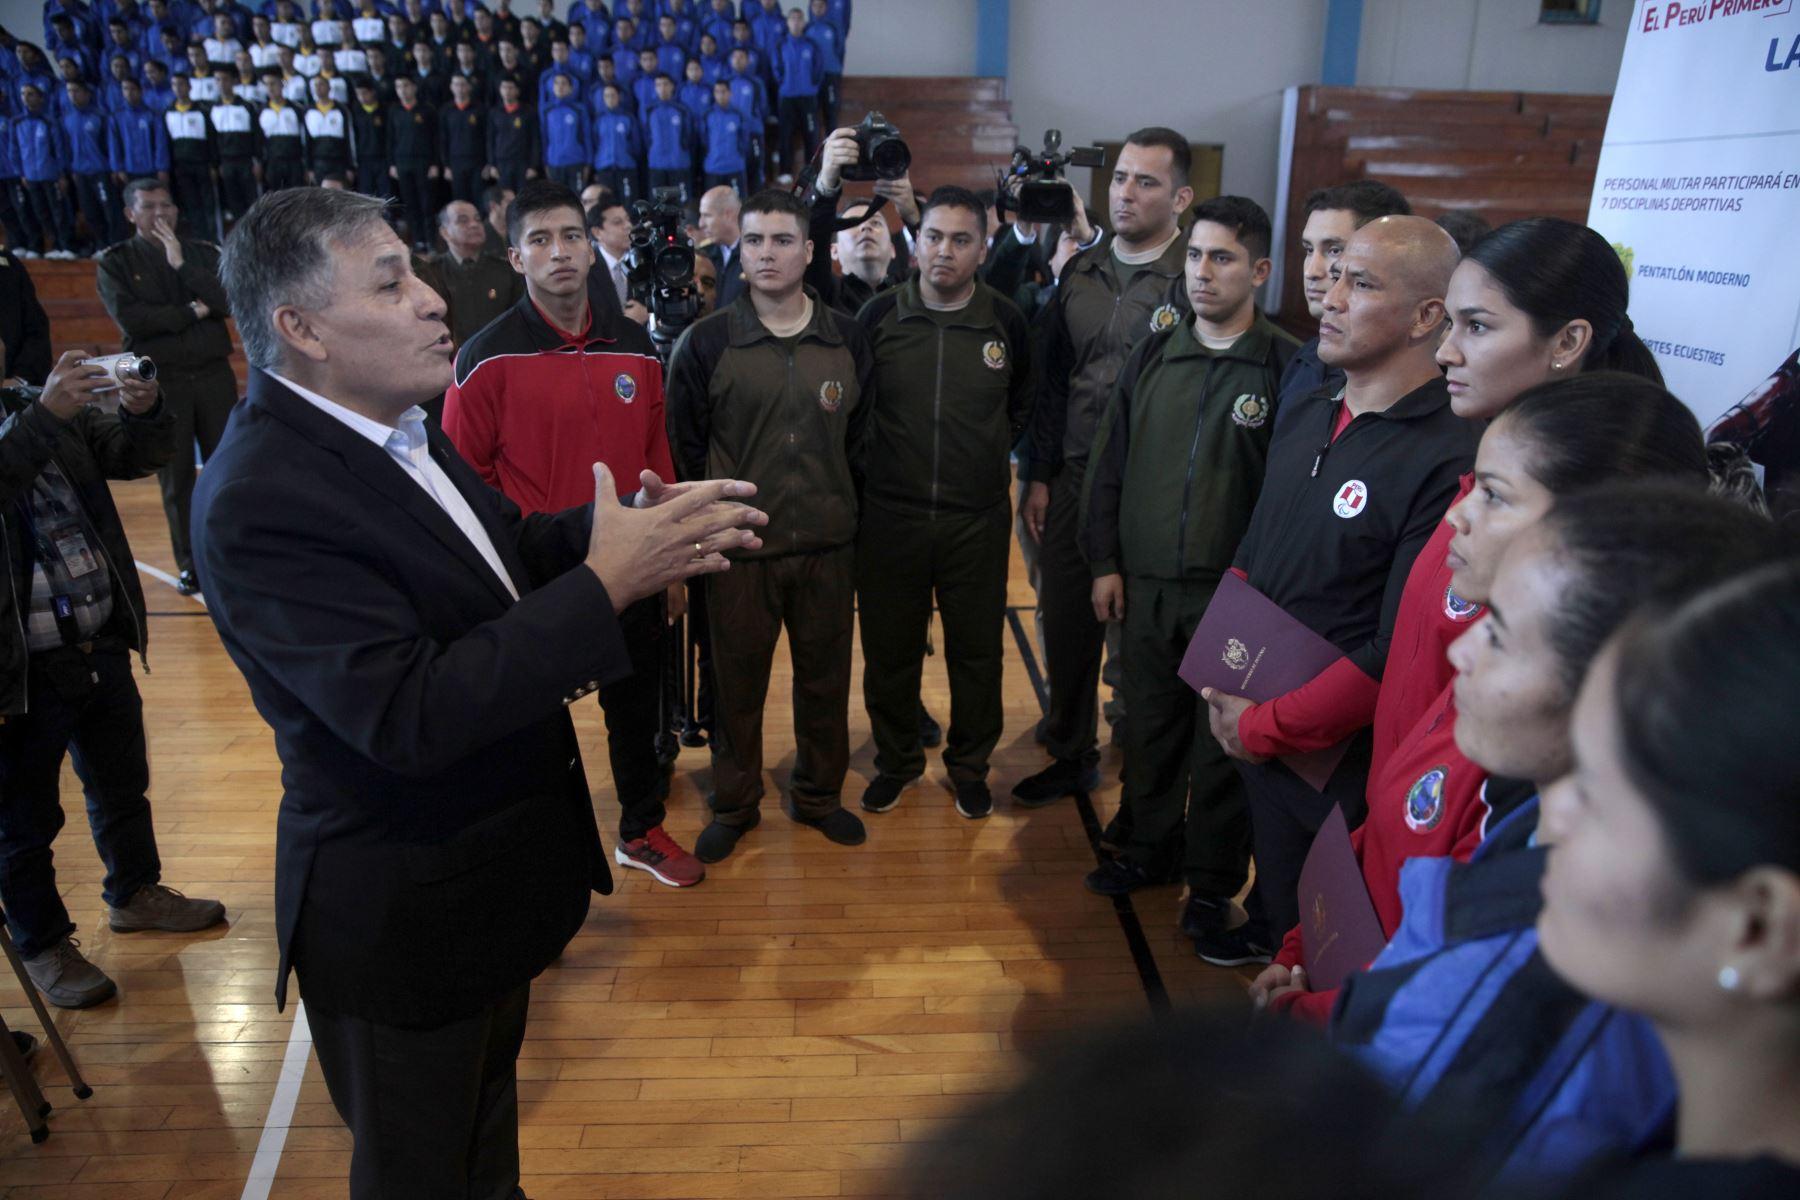 Ministro de Defensa, Jorge Moscoso, presenta deportistas militares clasificados a los Juegos Panamericanos Lima 2019.  Foto: ANDINA/Miguel Mejía Castro